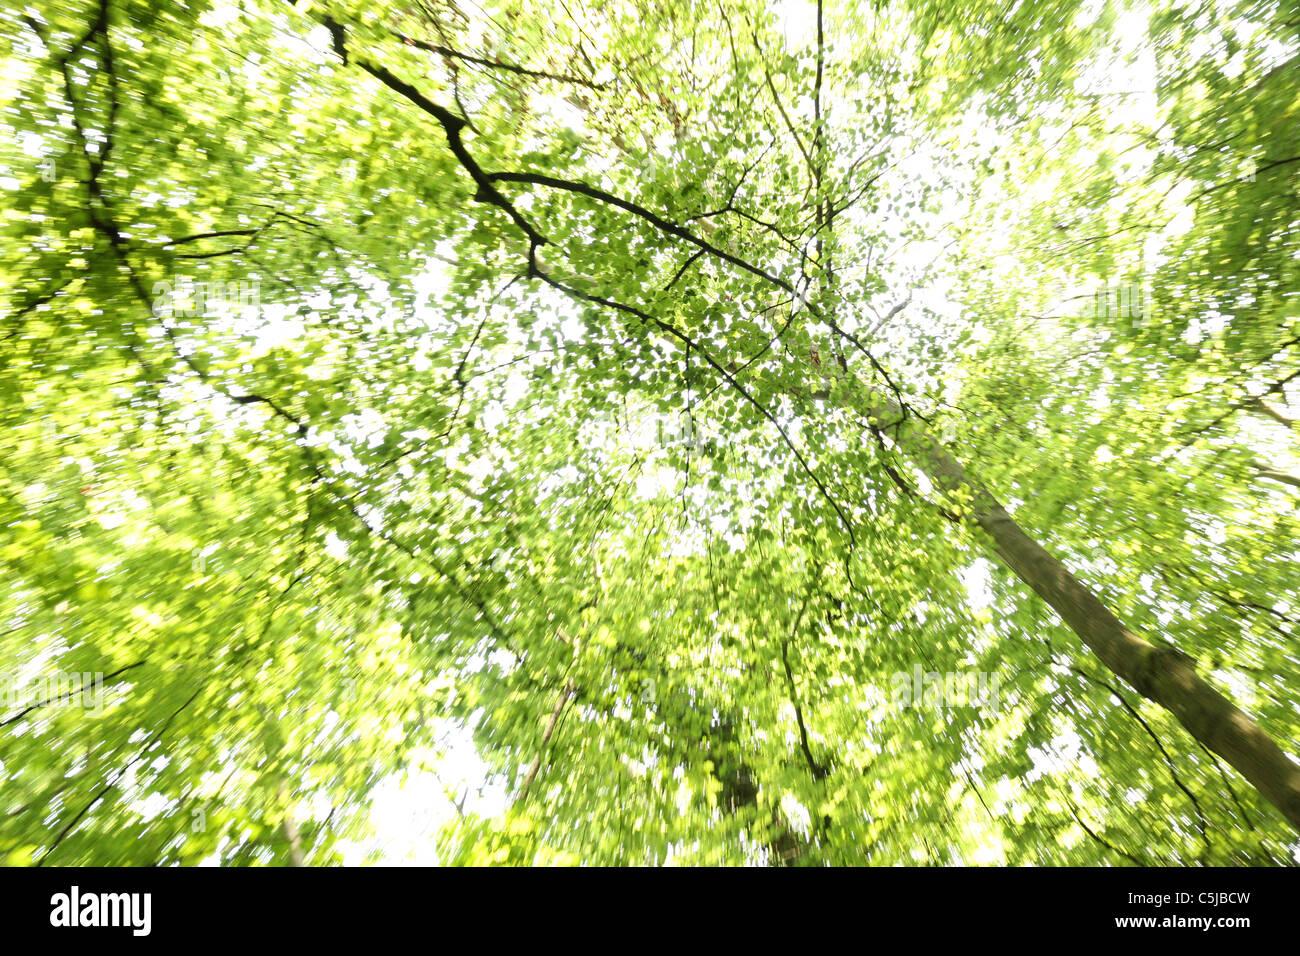 Pezzata splendente di luce solare attraverso la campagna inglese. Immagini Stock